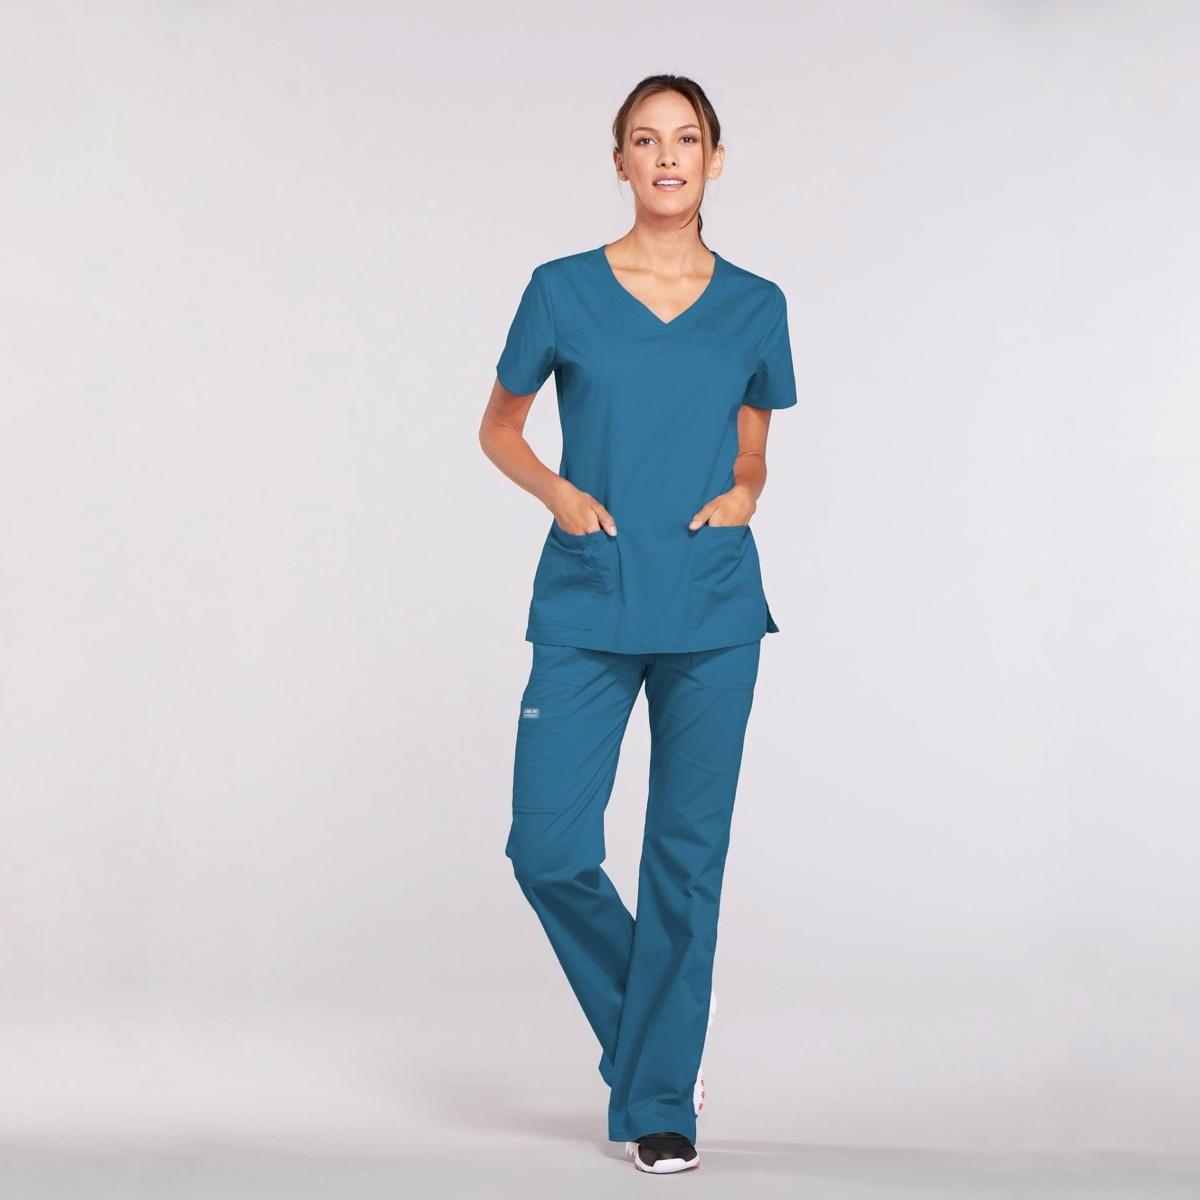 Приталенный женский медицинский костюм CHEROKEE из твила цвет - морская волна